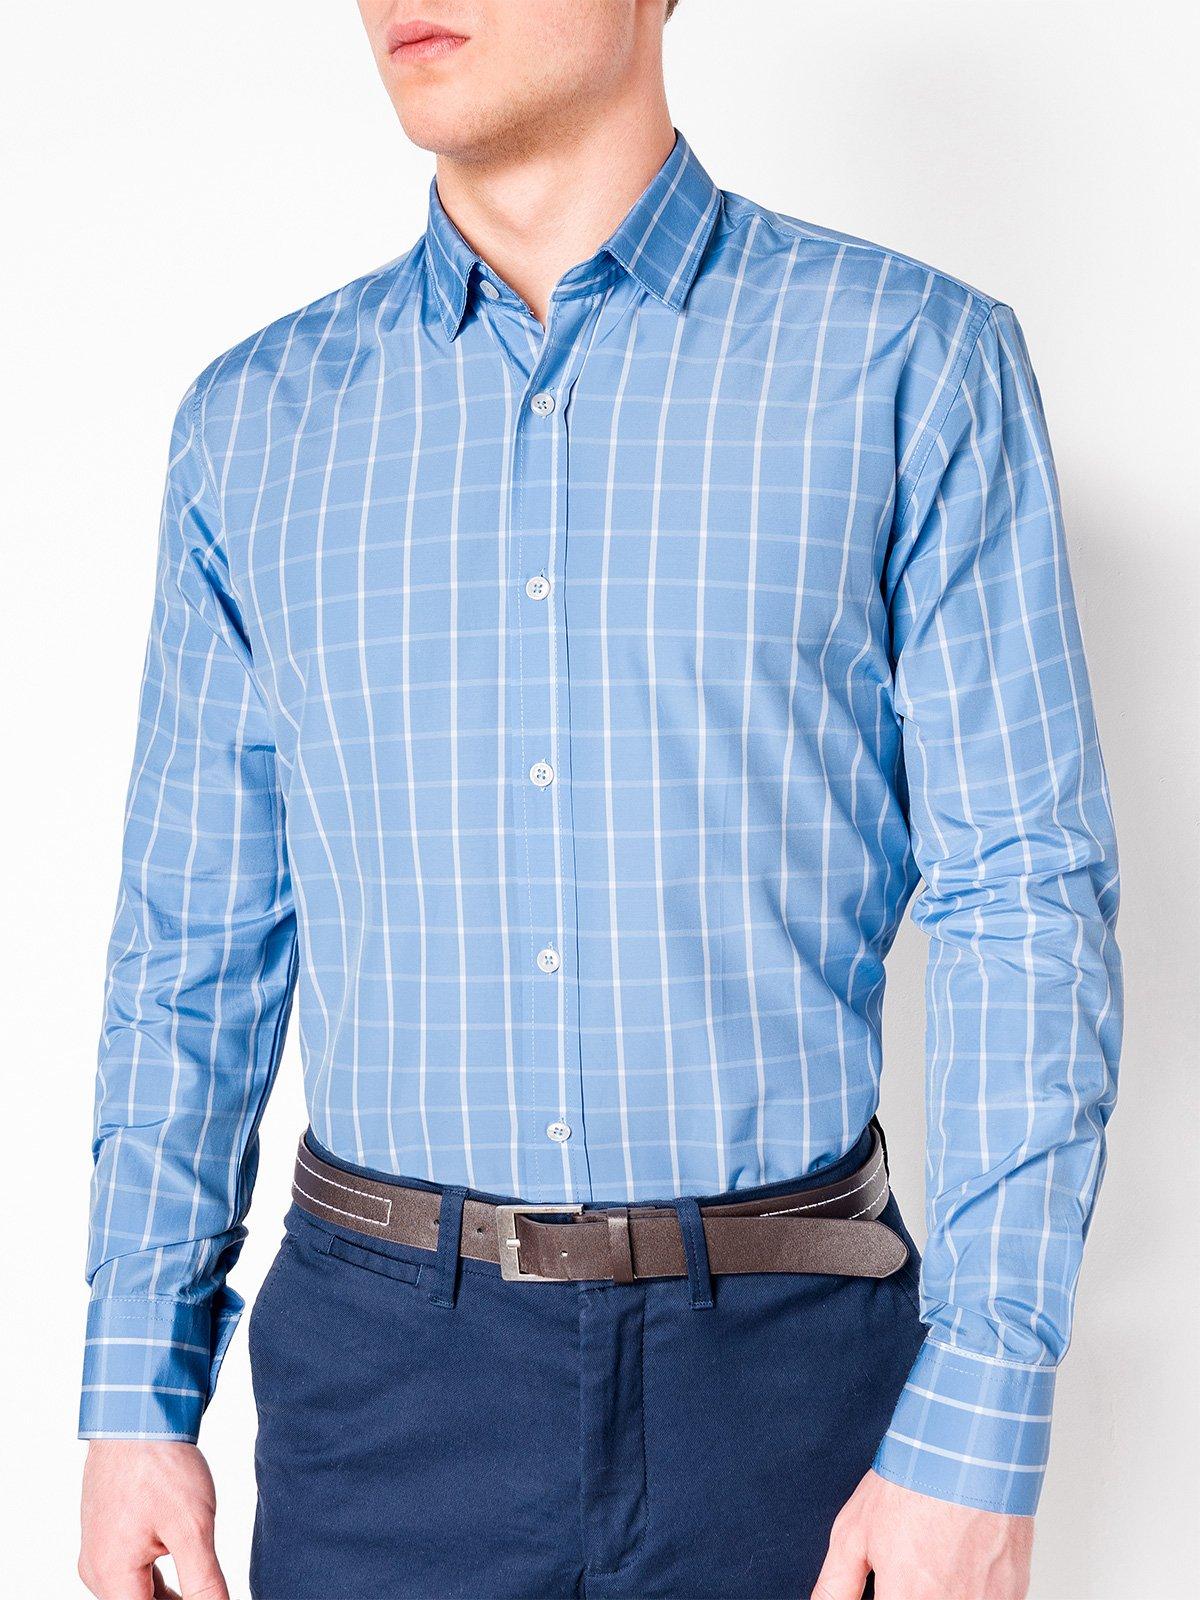 K&L | Herren Langarm Trachtenhemd | Online günstig auf